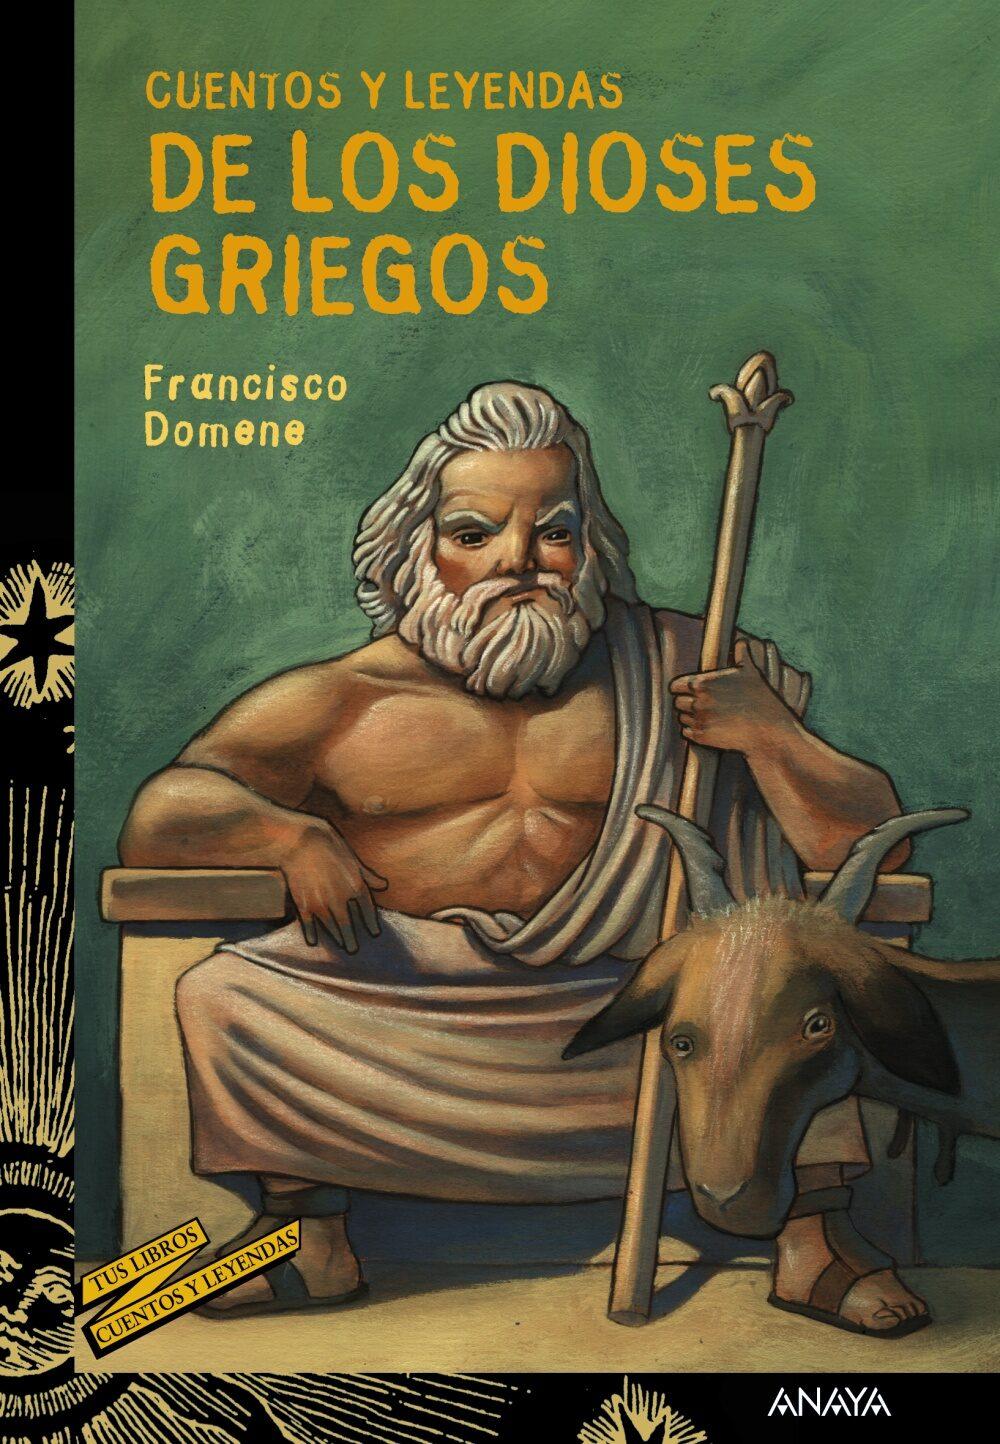 cuentos y leyendas de los dioses griegos-francisco domene-9788466793193